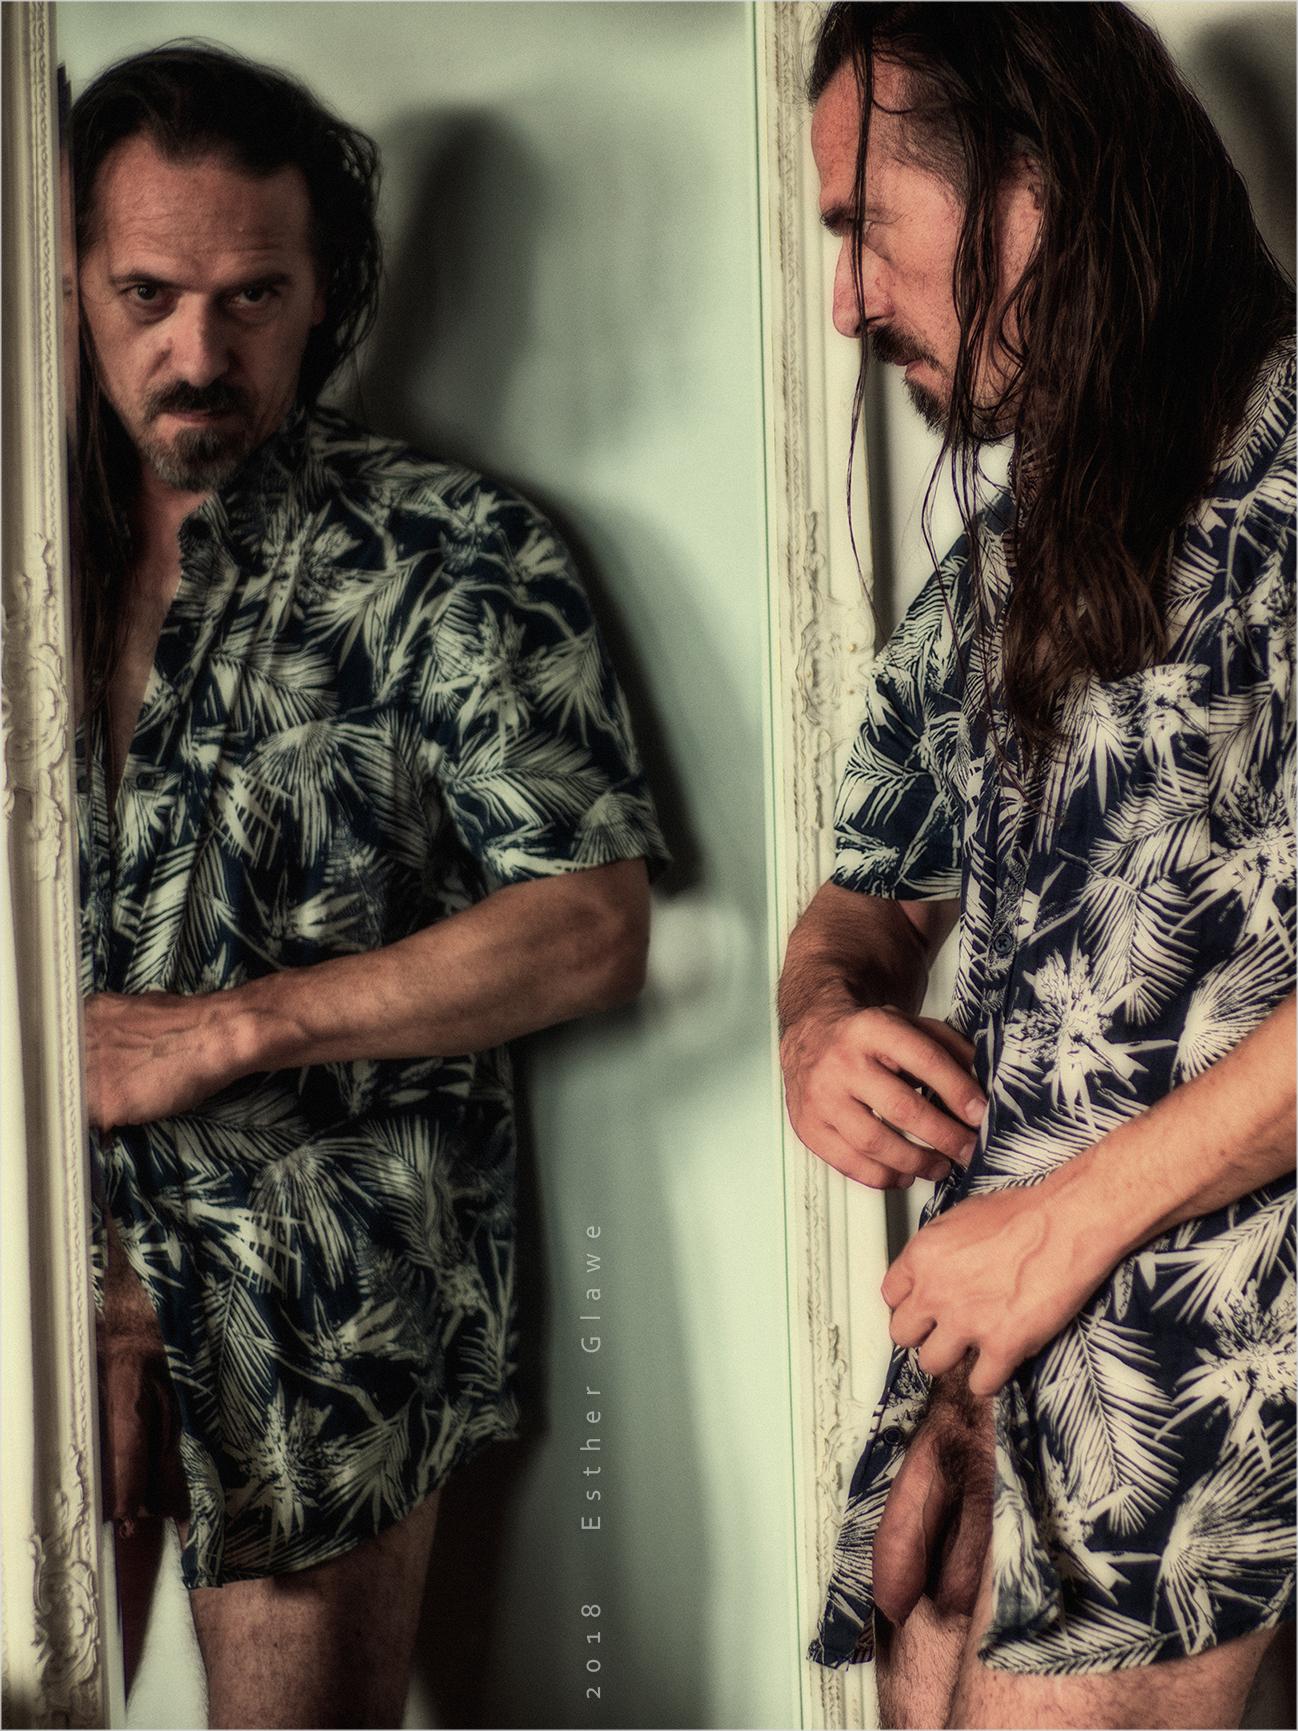 Halbnackter Mann vor Spiegel